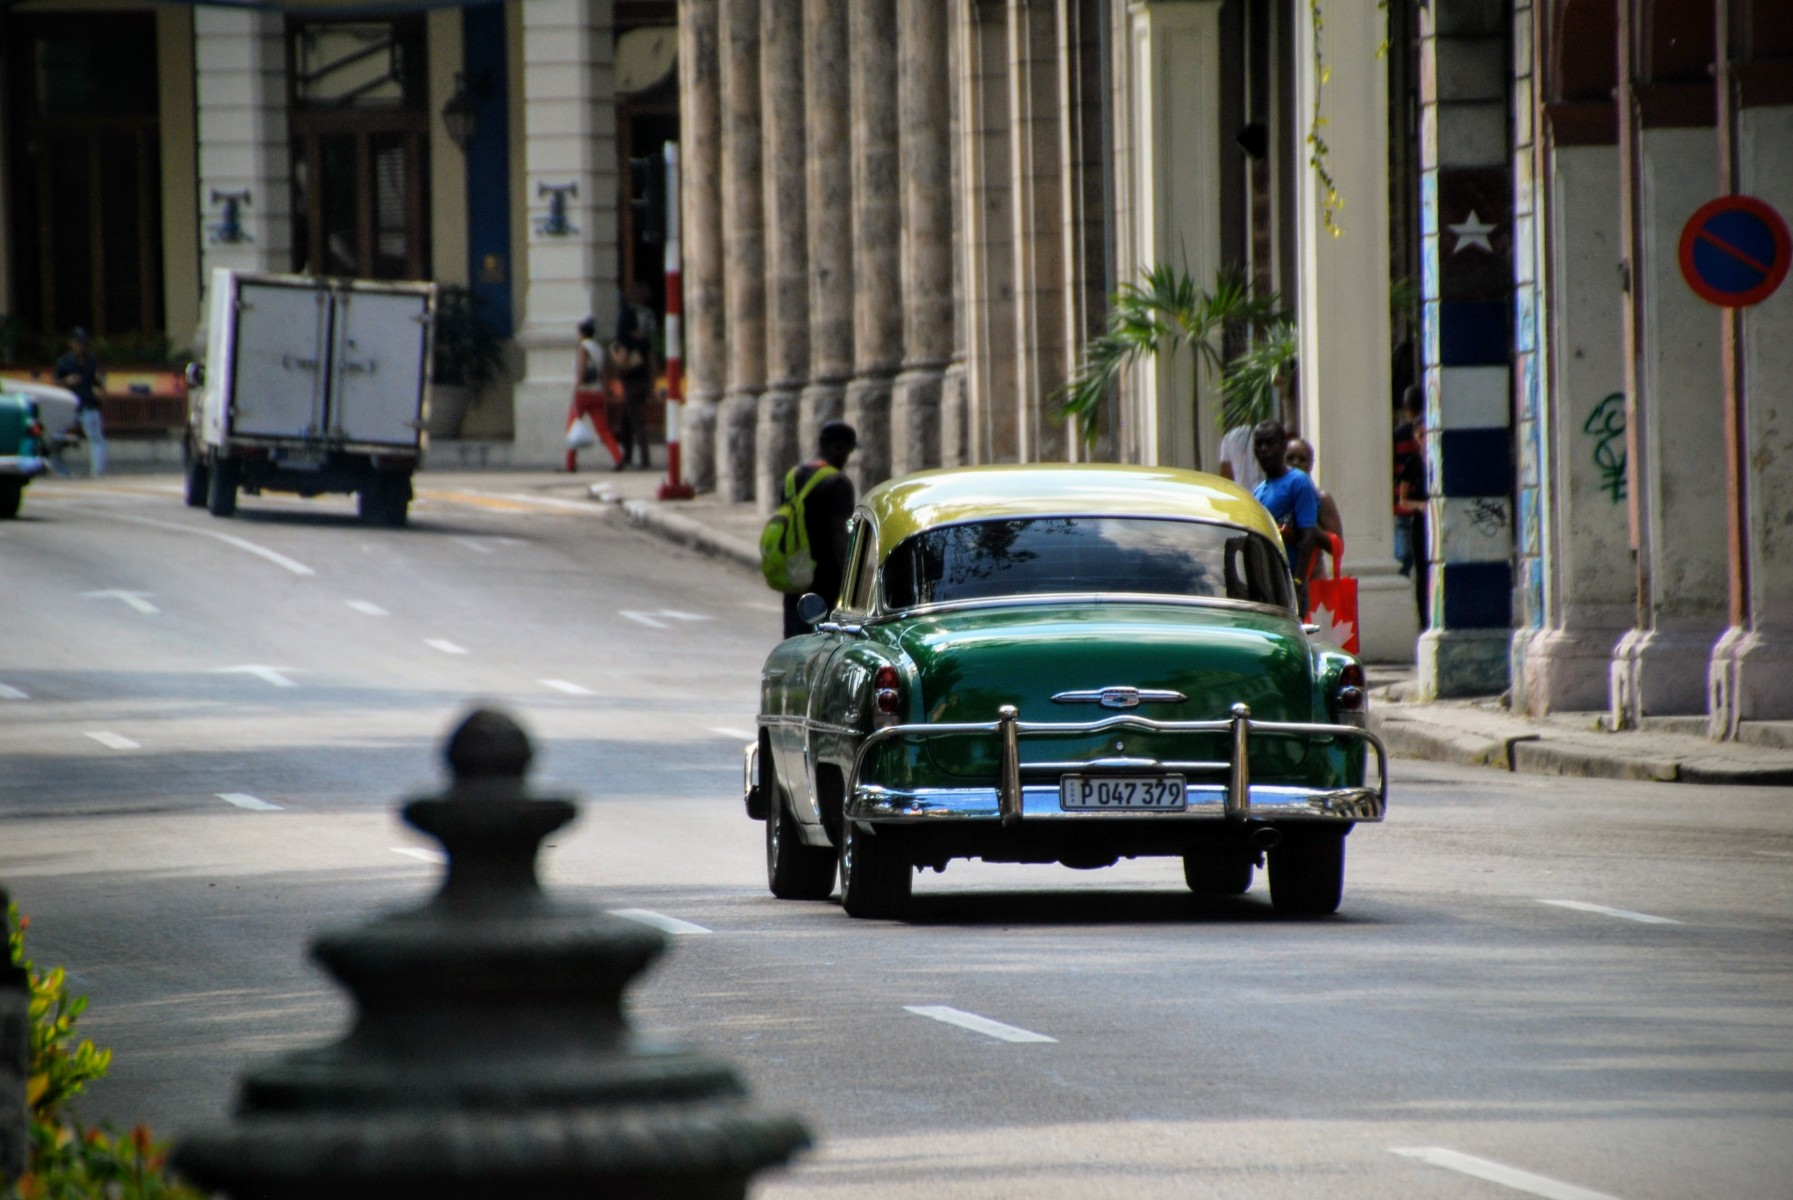 La Habana - Paseo del Prado